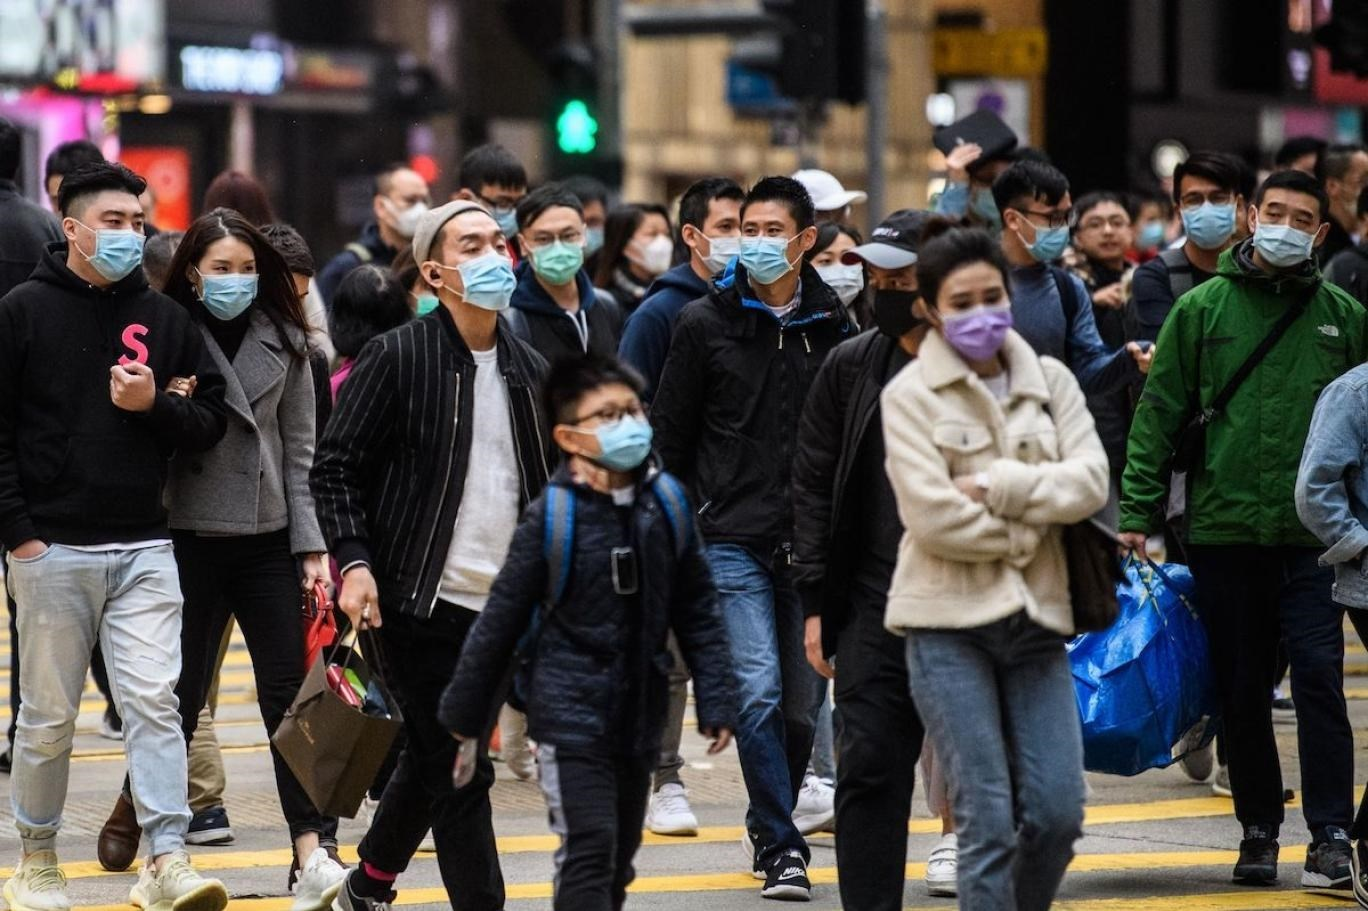 هونغ كونغ سجلت أكثر 3270 إصابة بفيروس كورونا حتى الآن